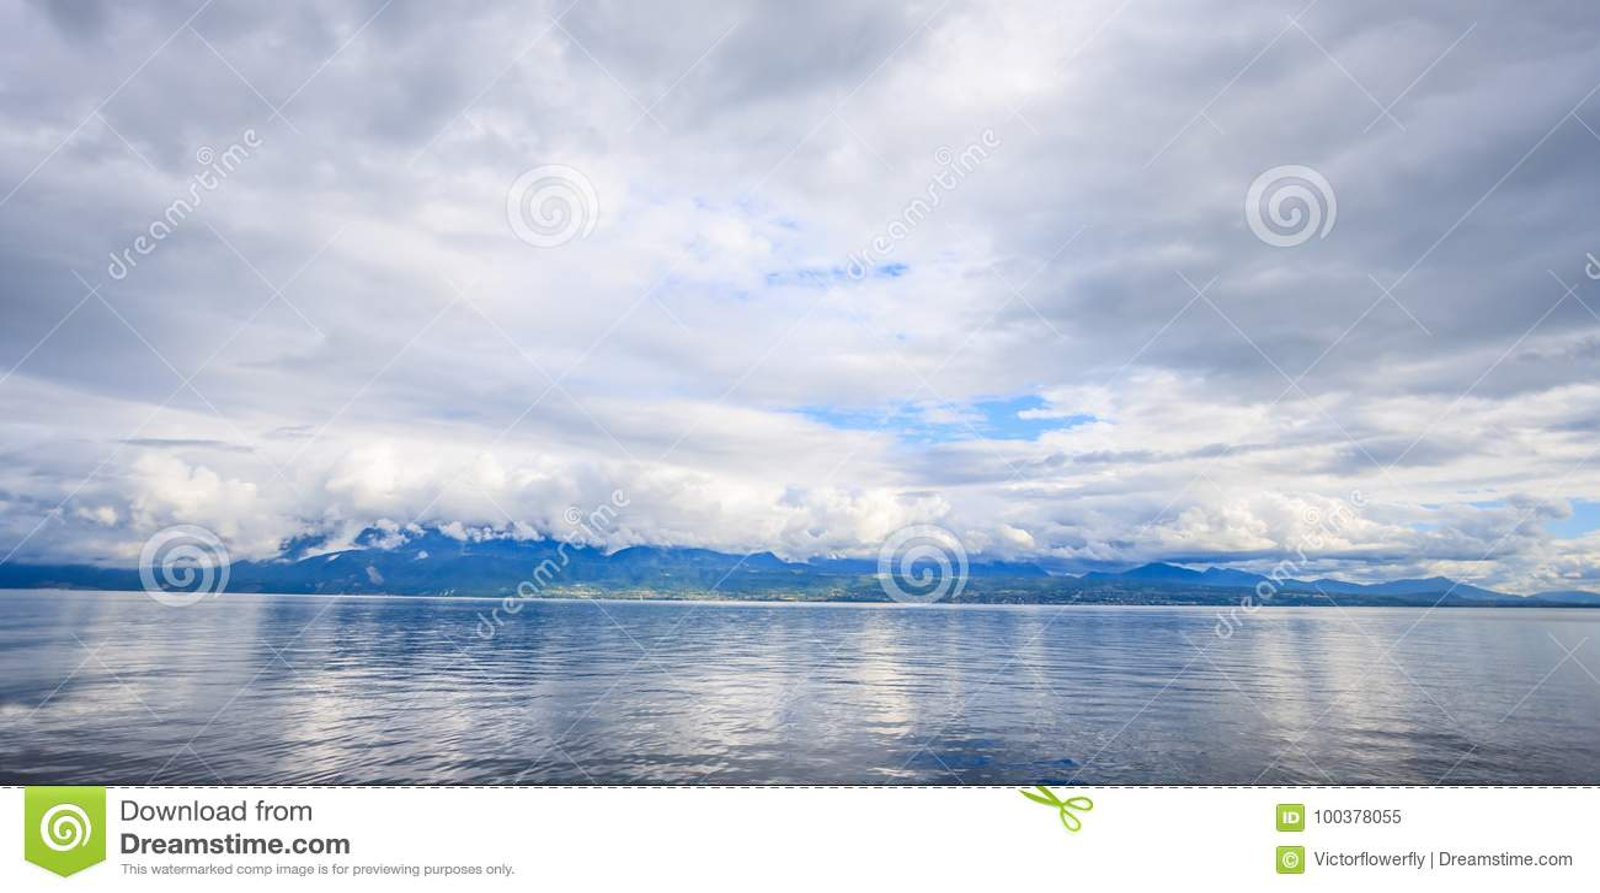 Πανοραμική άποψη της λίμνης Γενεύη, μια από την Ελβετία ` s οι περισσότερες ταξιδεμμένες λίμνες στην Ευρώπη, Vaud, Ελβετία Σχέδιο